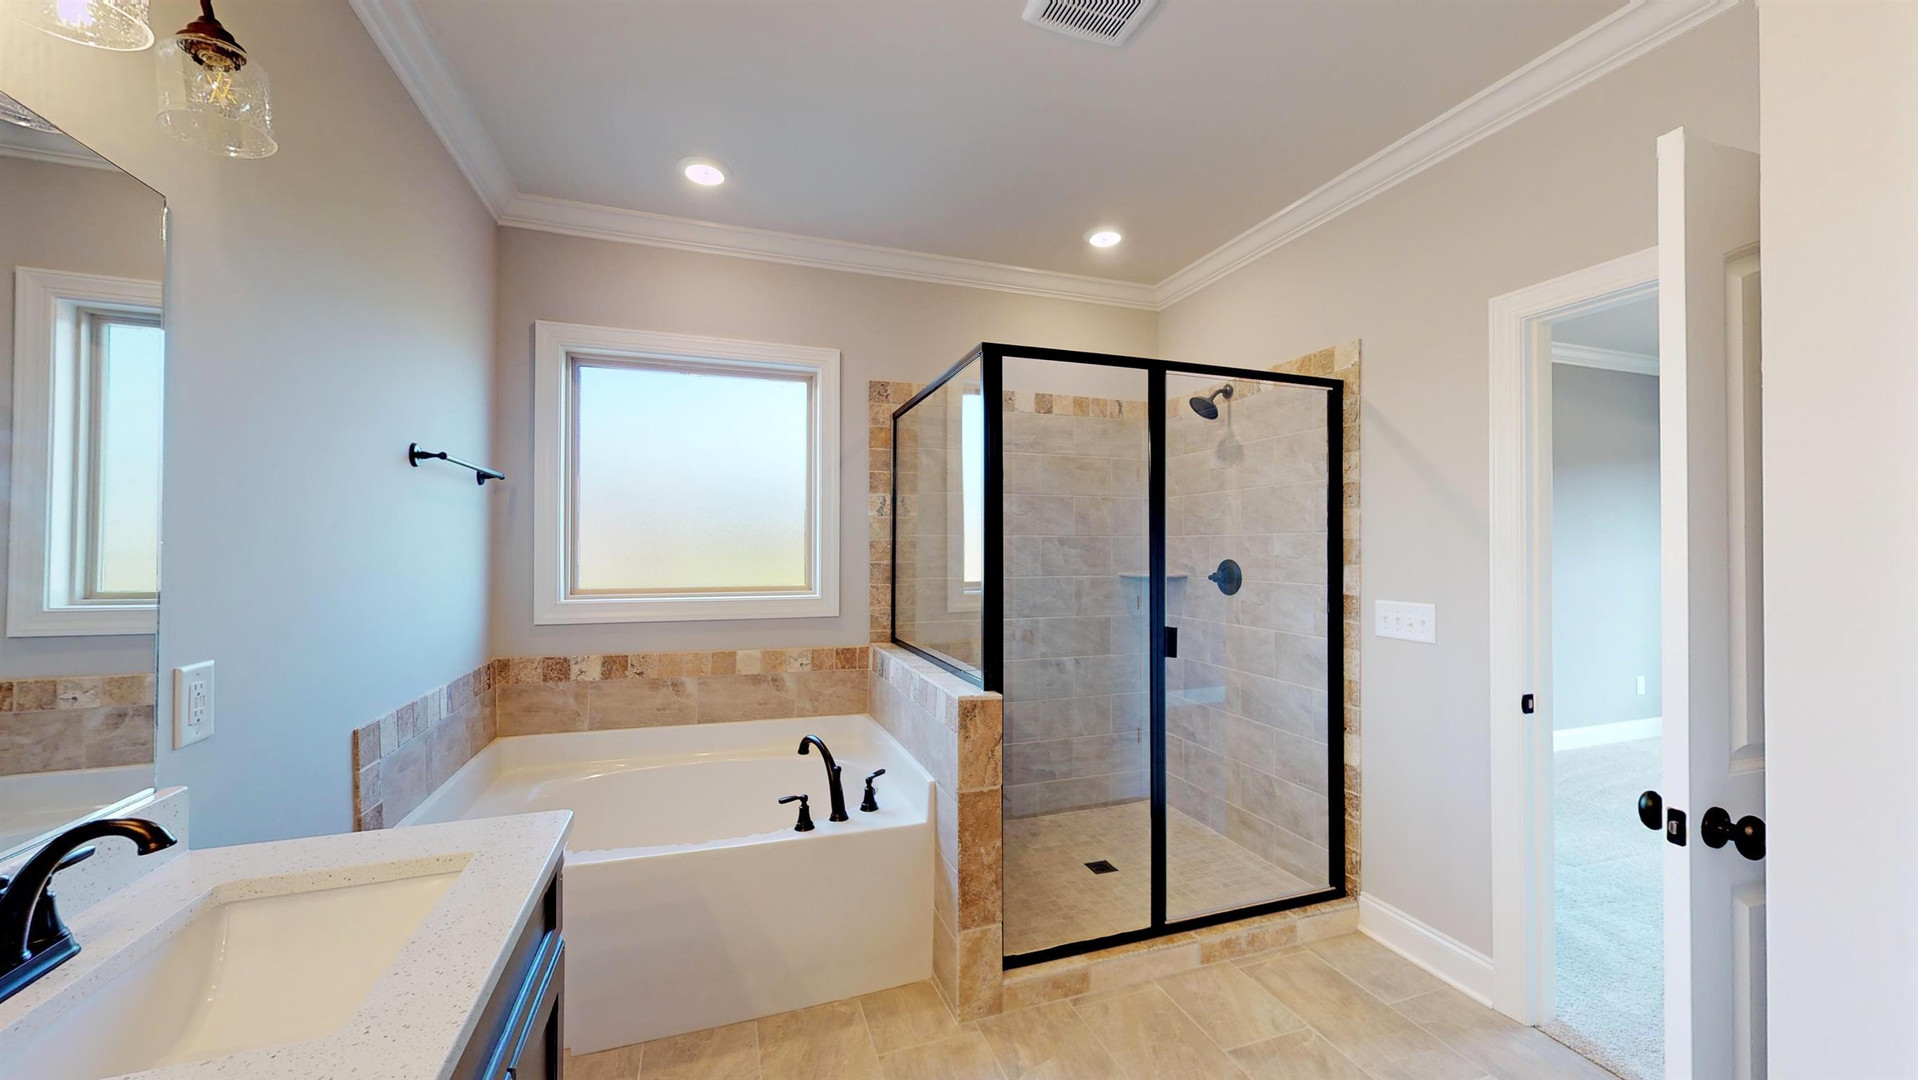 The Bouldercrest Master Bathroom